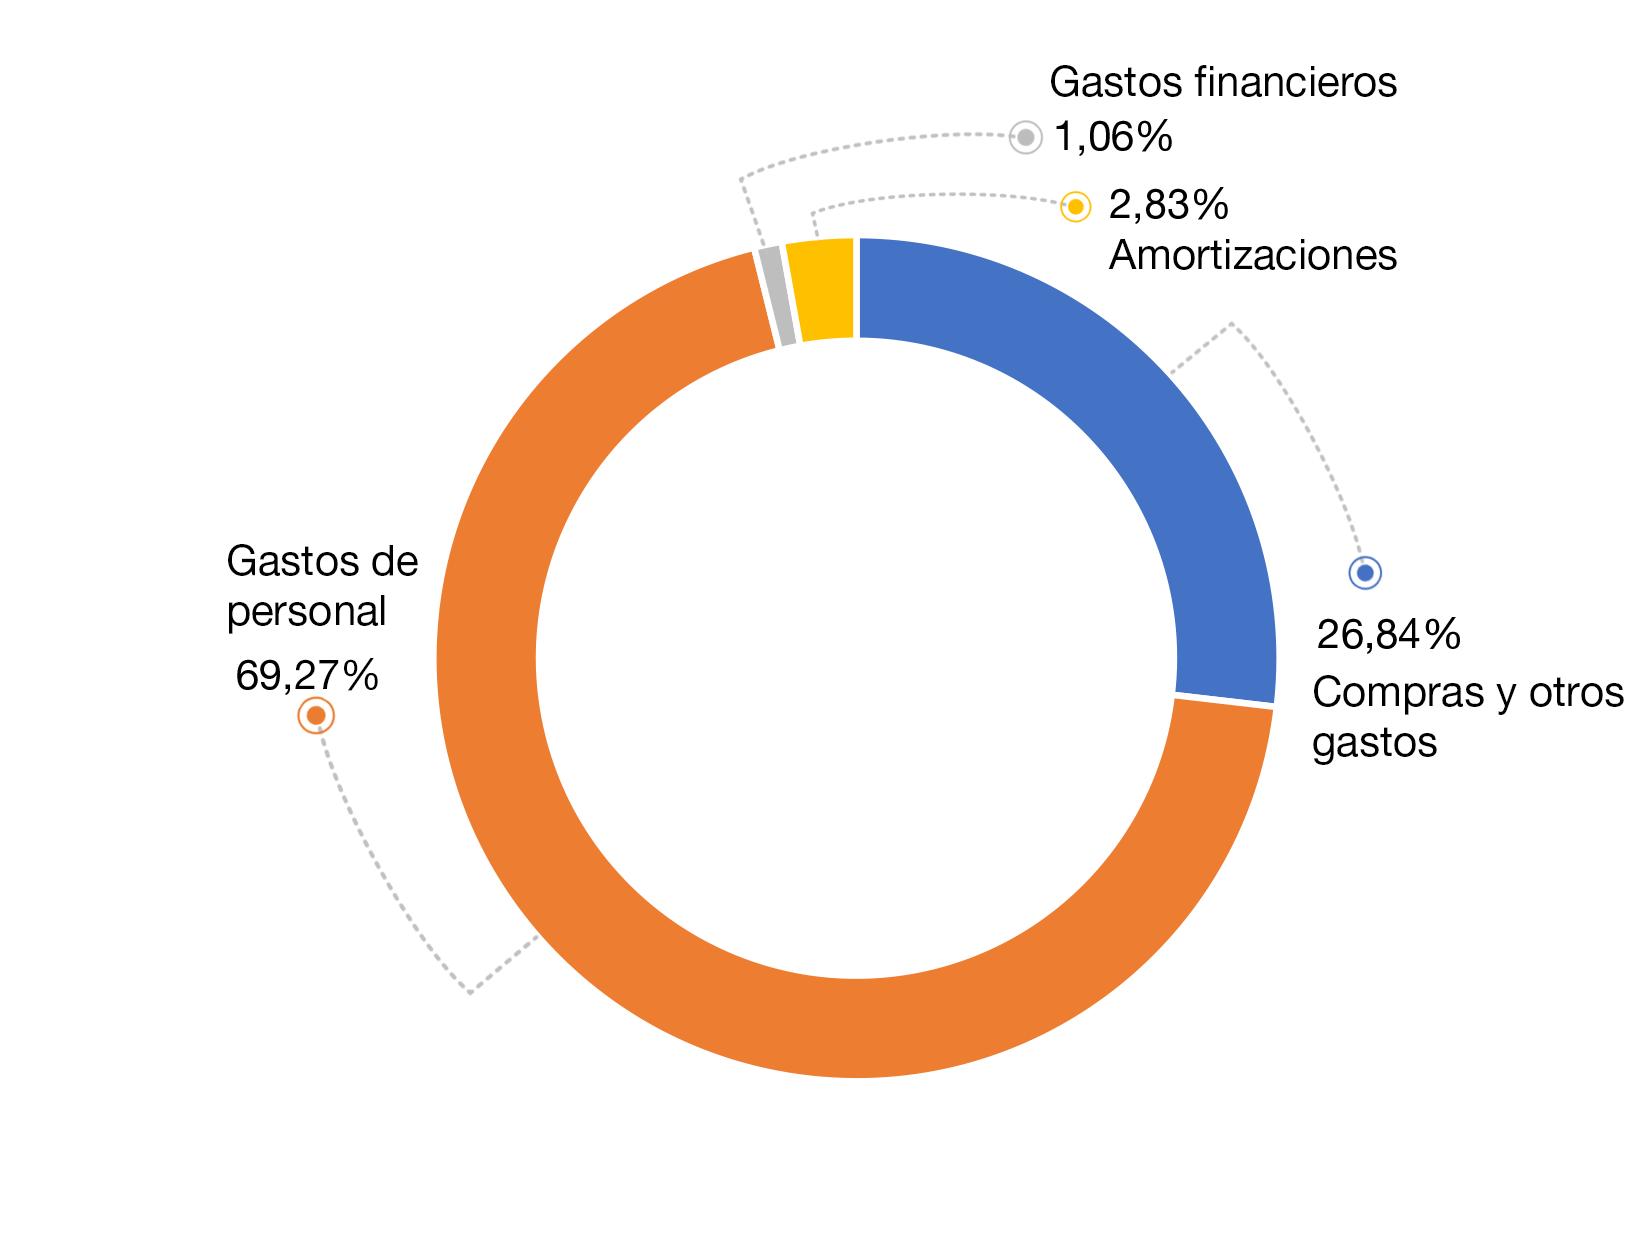 diagrama-sectores-2016-gastos